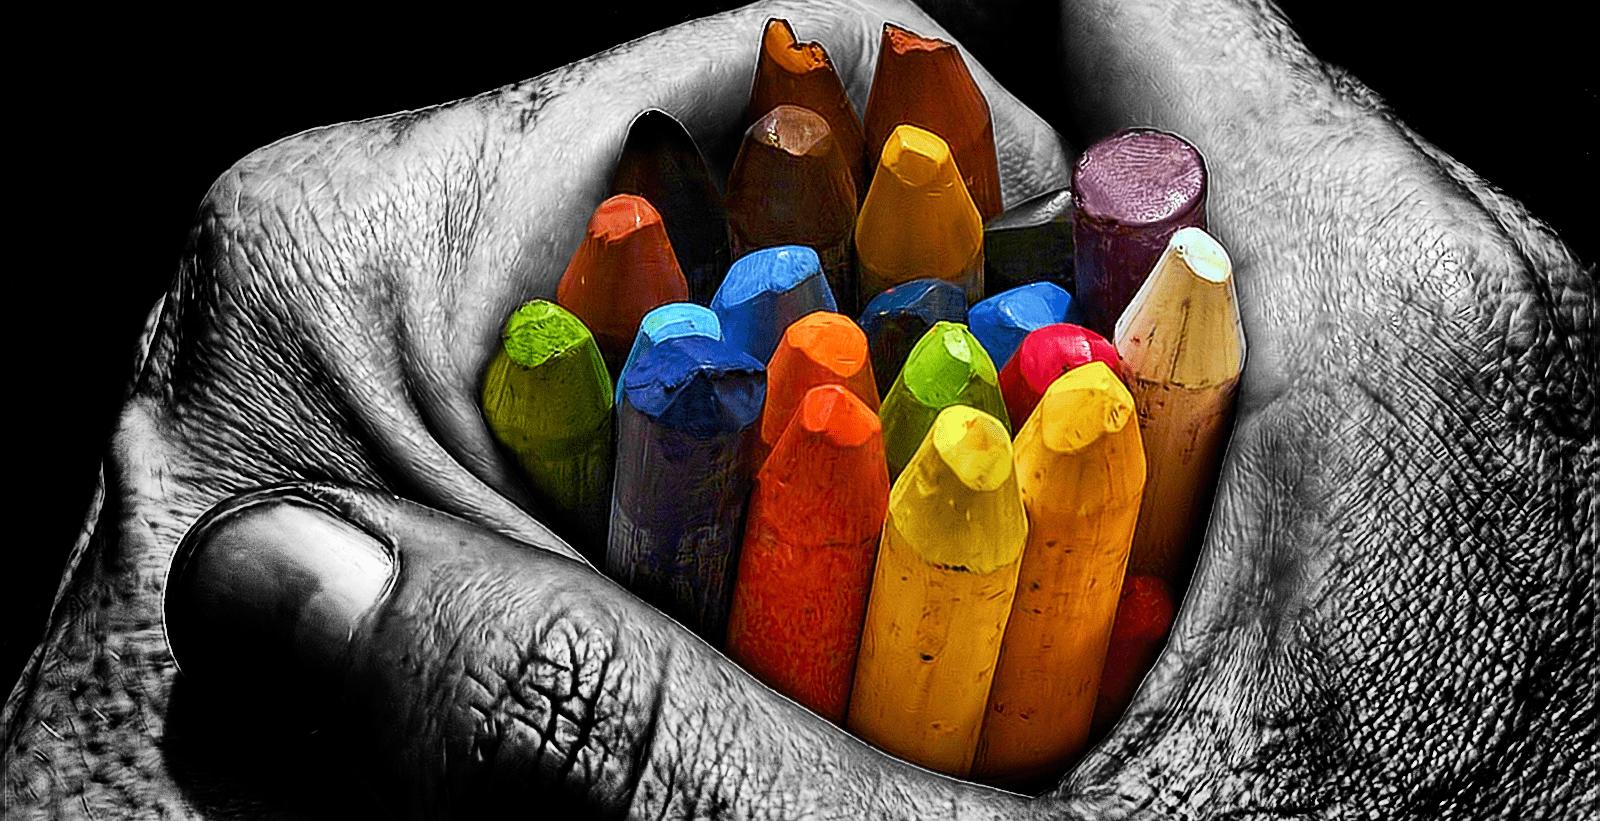 Какие цвета наиболее восприимчивы человеком